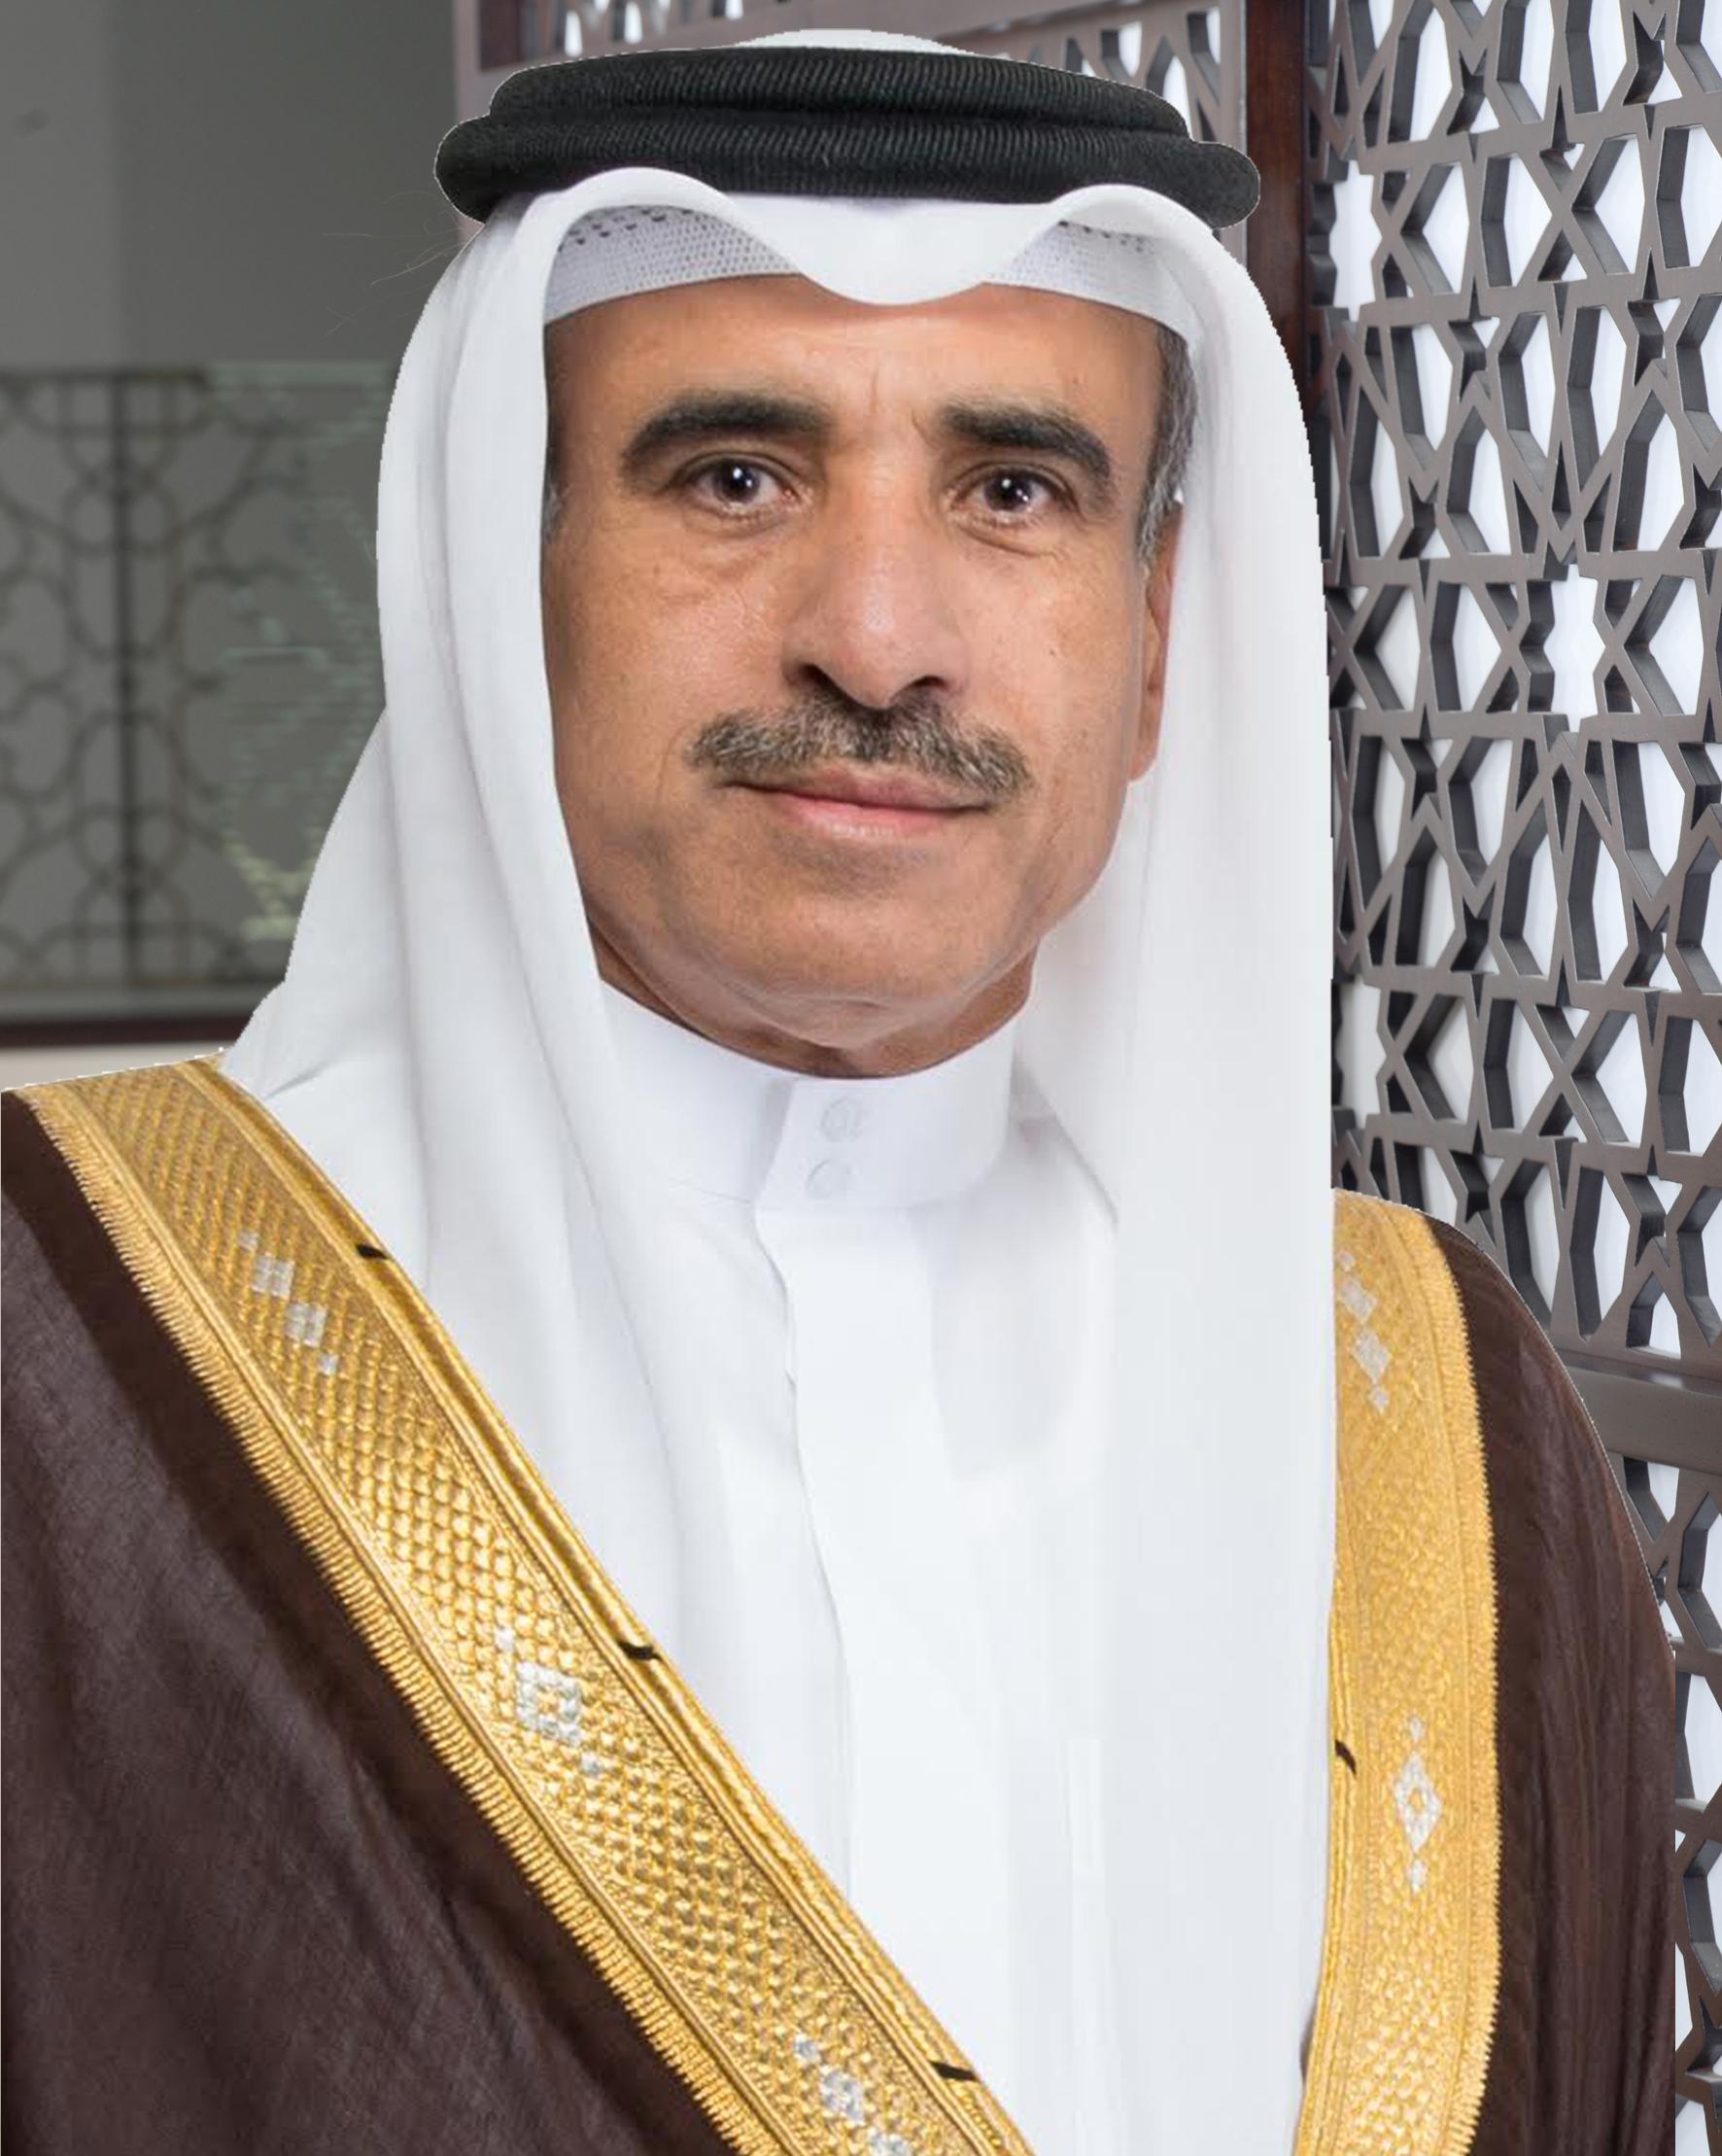 المهندس باسم بن يعقوب الحمر -  وزير الإسكان